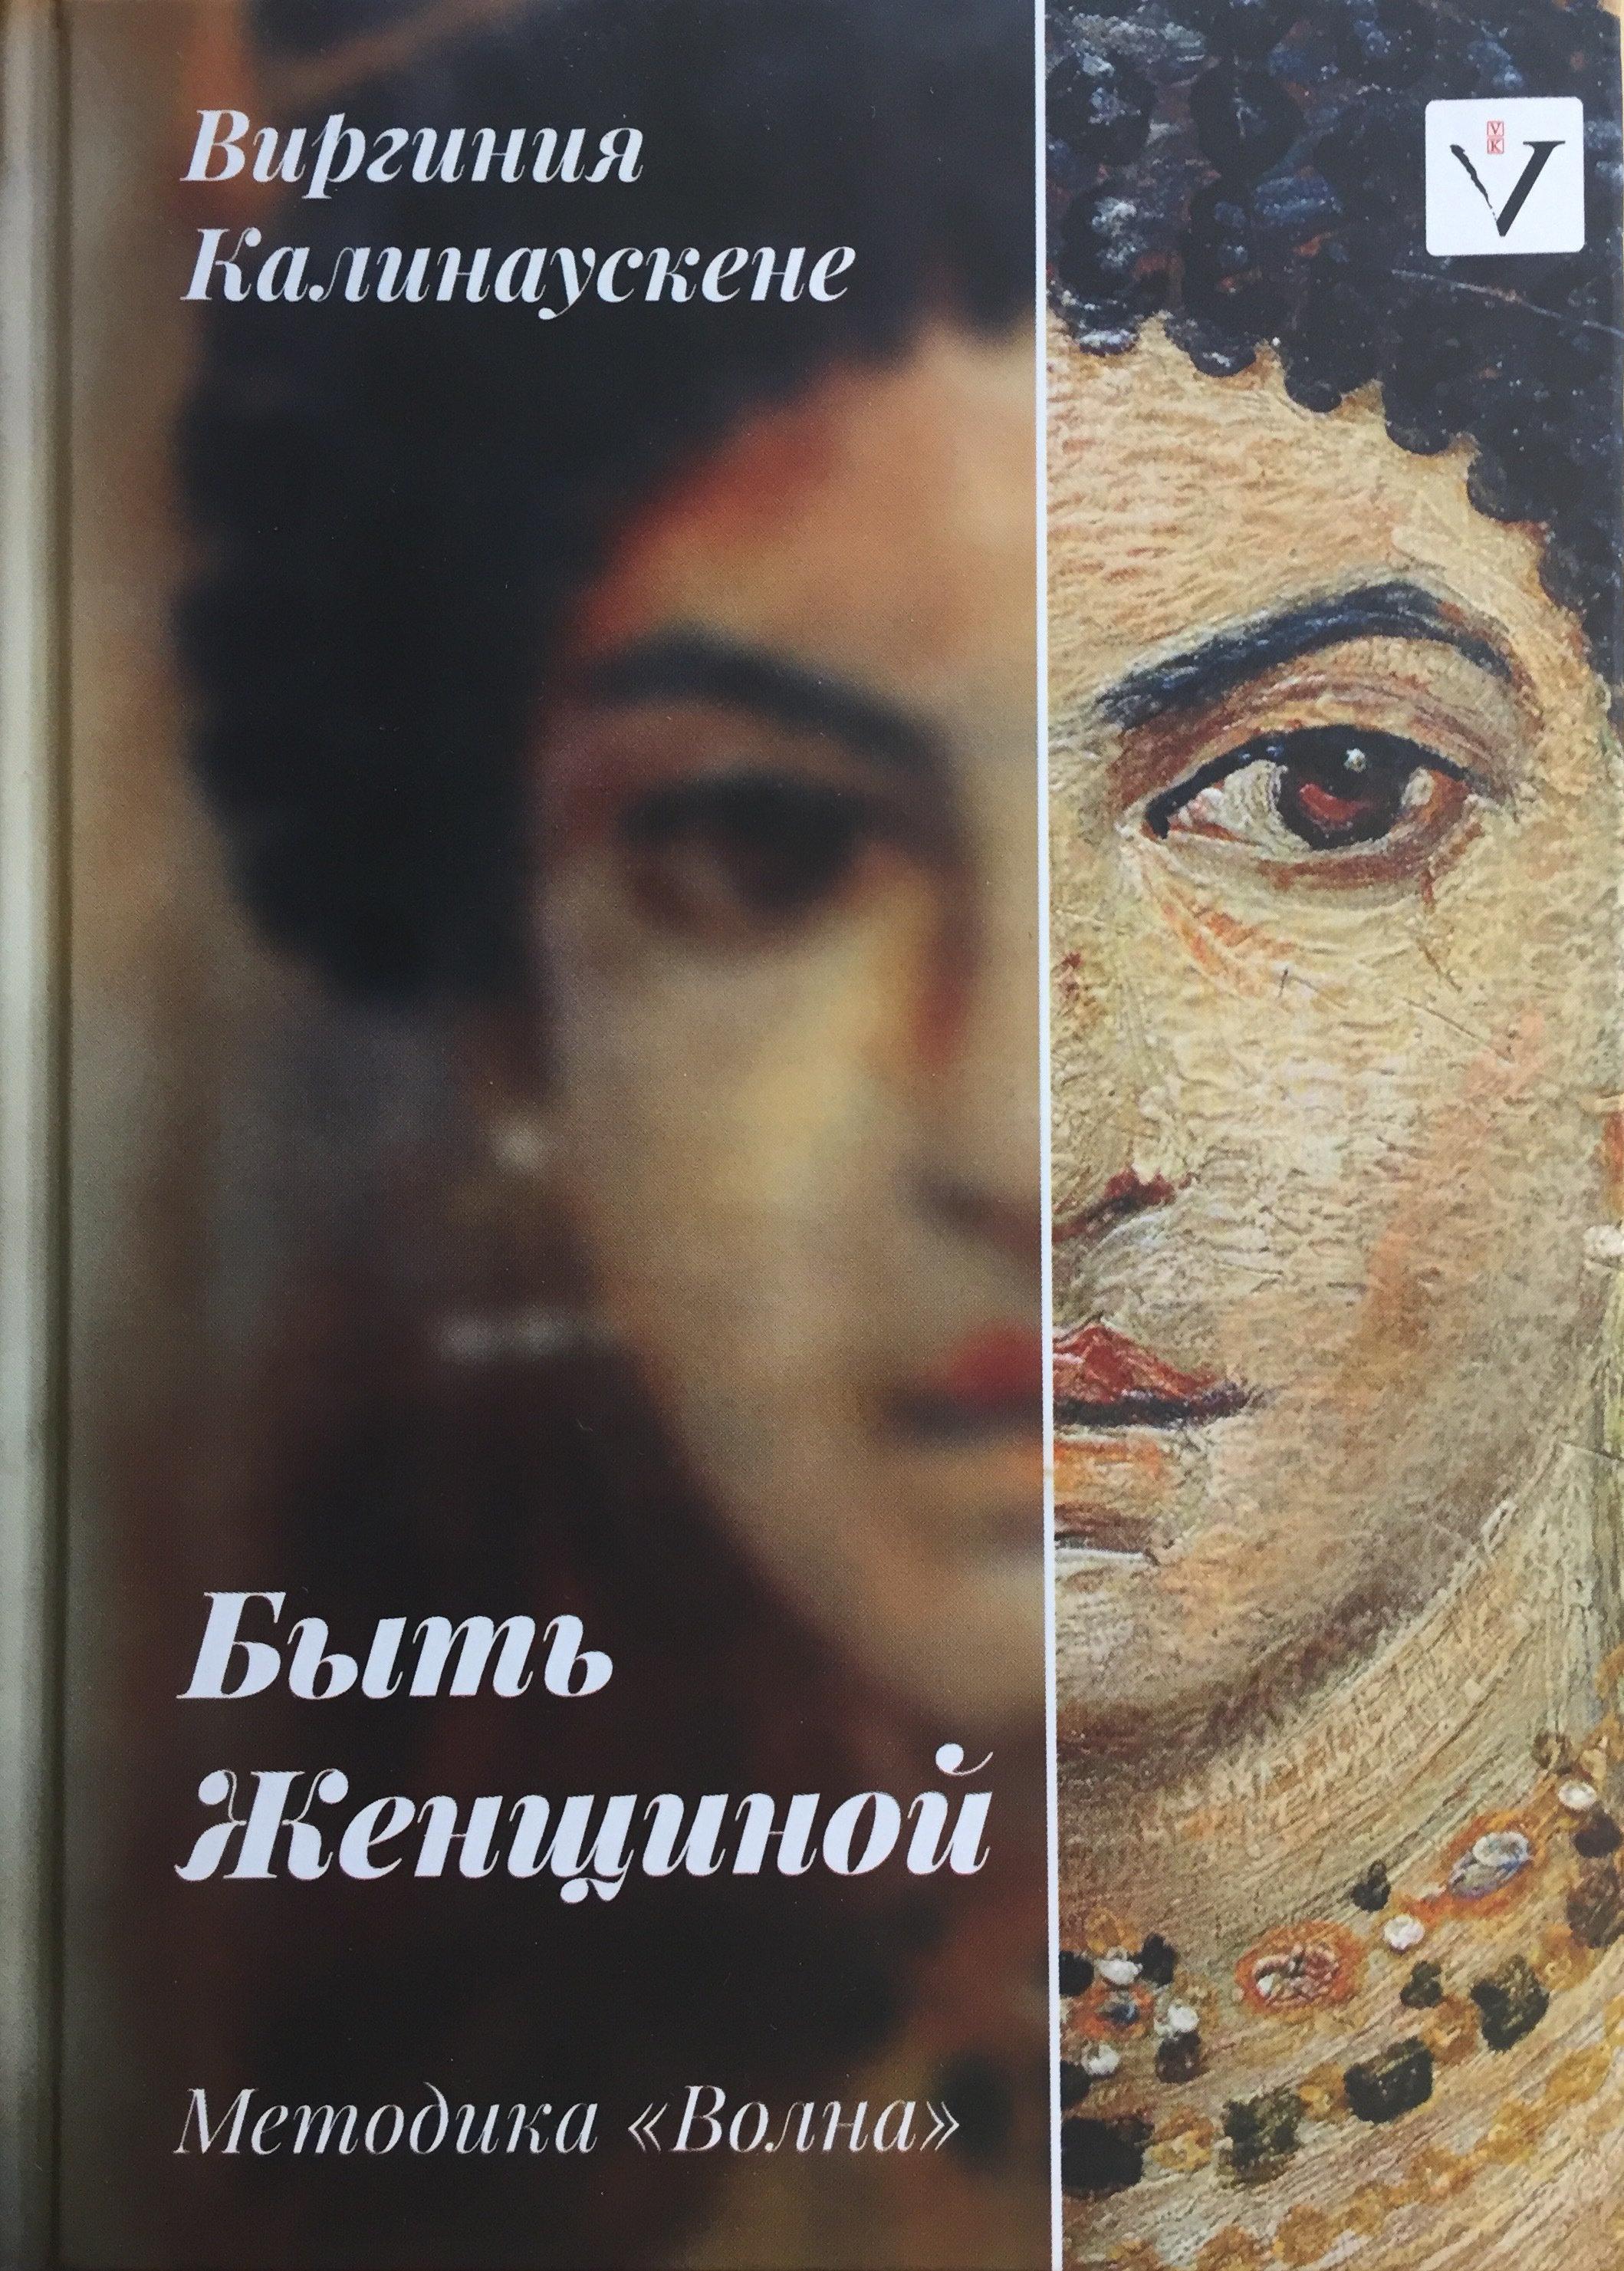 """Книга Виргинии Калинаускене """"Быть женщиной"""" 12+ 00119"""